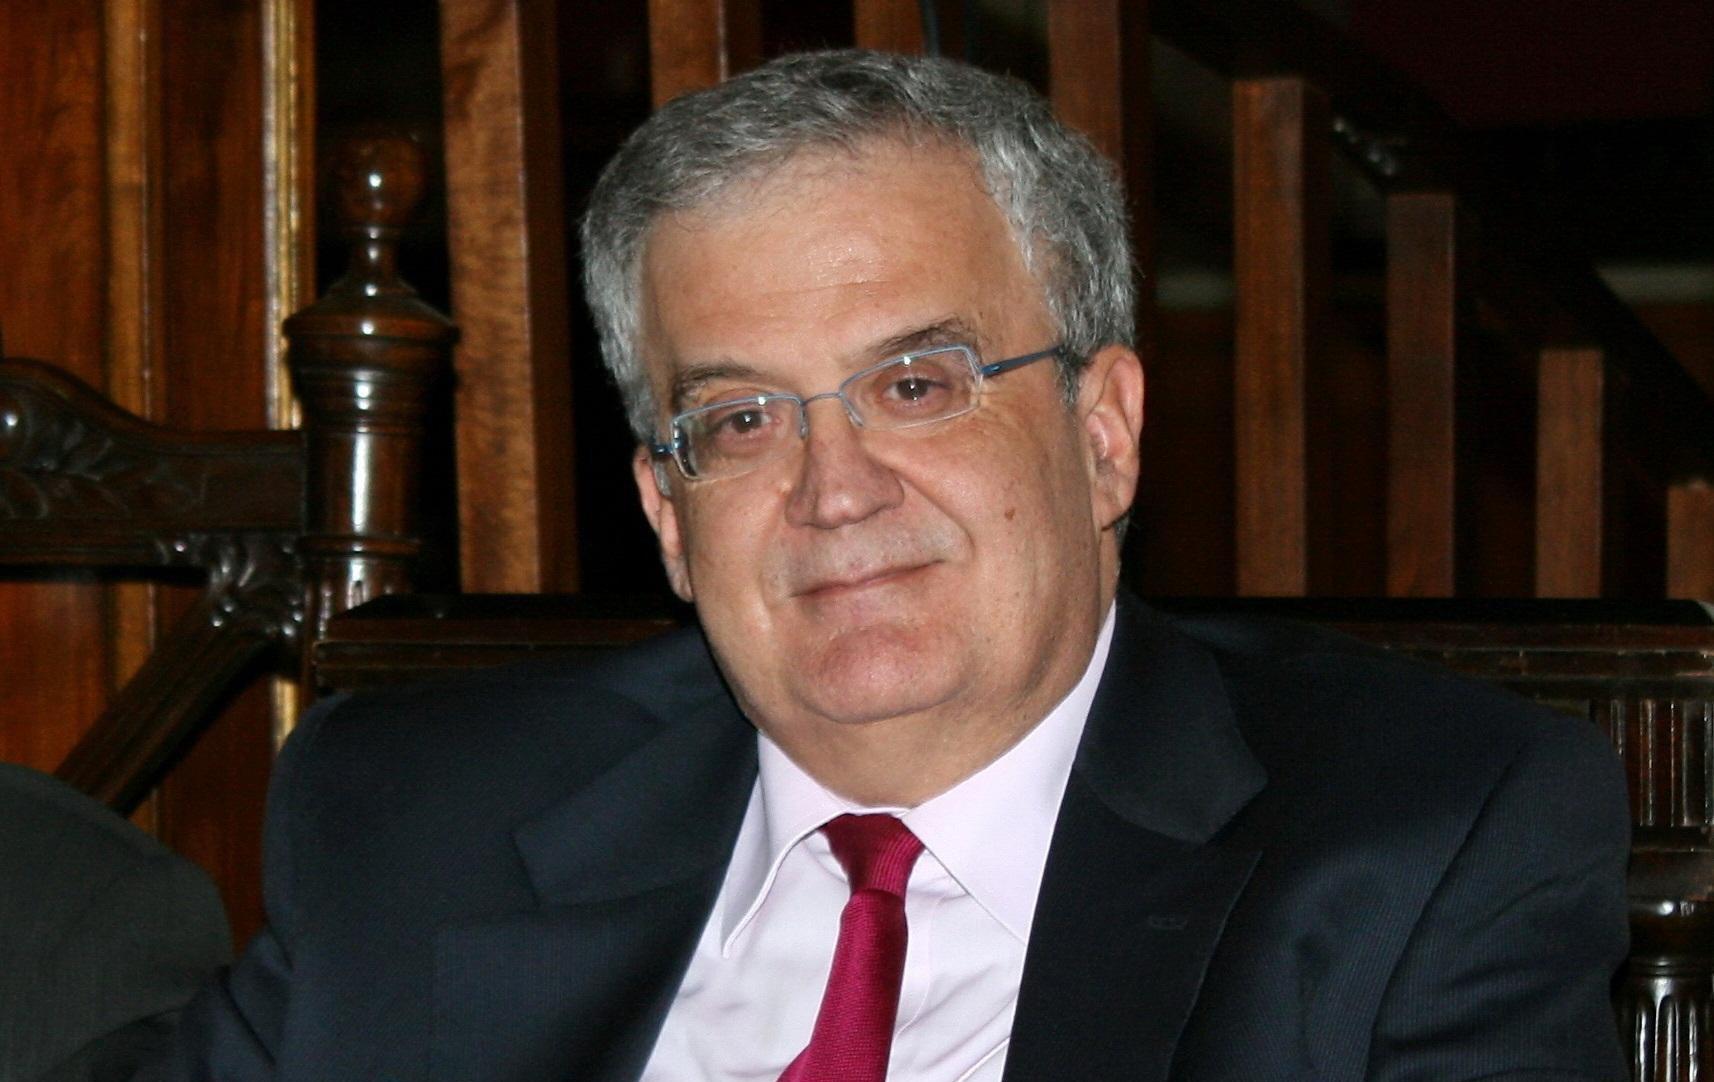 Αντώνης Αργυρός: Δεν είναι επιτρεπτή κατά το άρθρο 89 Σ., η συμμετοχή δικαστικών σε έργα ή απασχολήσεις άσχετες με το δικαστικό λειτούργημα